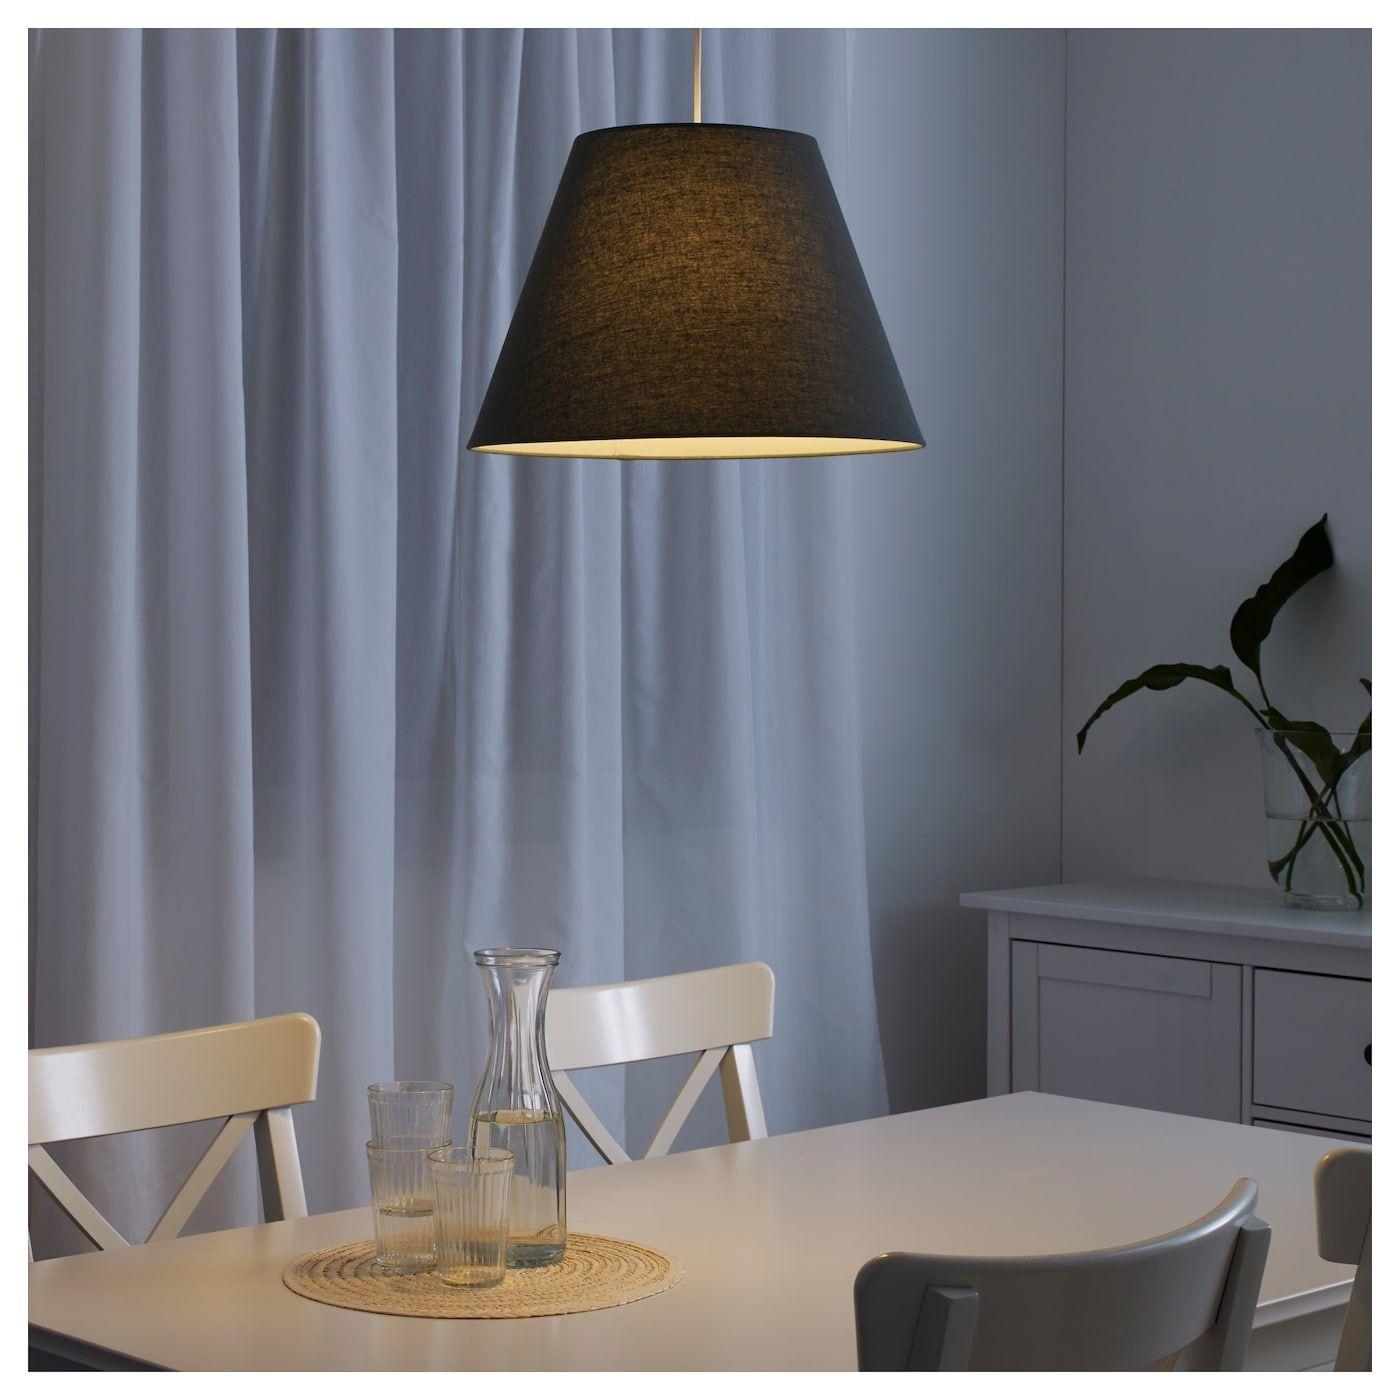 Full Size of 11 Lampe Wohnzimmer Ikea Elegant Bad Deckenleuchte Deckenleuchten Lampen Küche Dekoration Led Bilder Xxl Deckenlampe Deckenlampen Heizkörper Für Rollo Wohnzimmer Lampen Wohnzimmer Decke Ikea